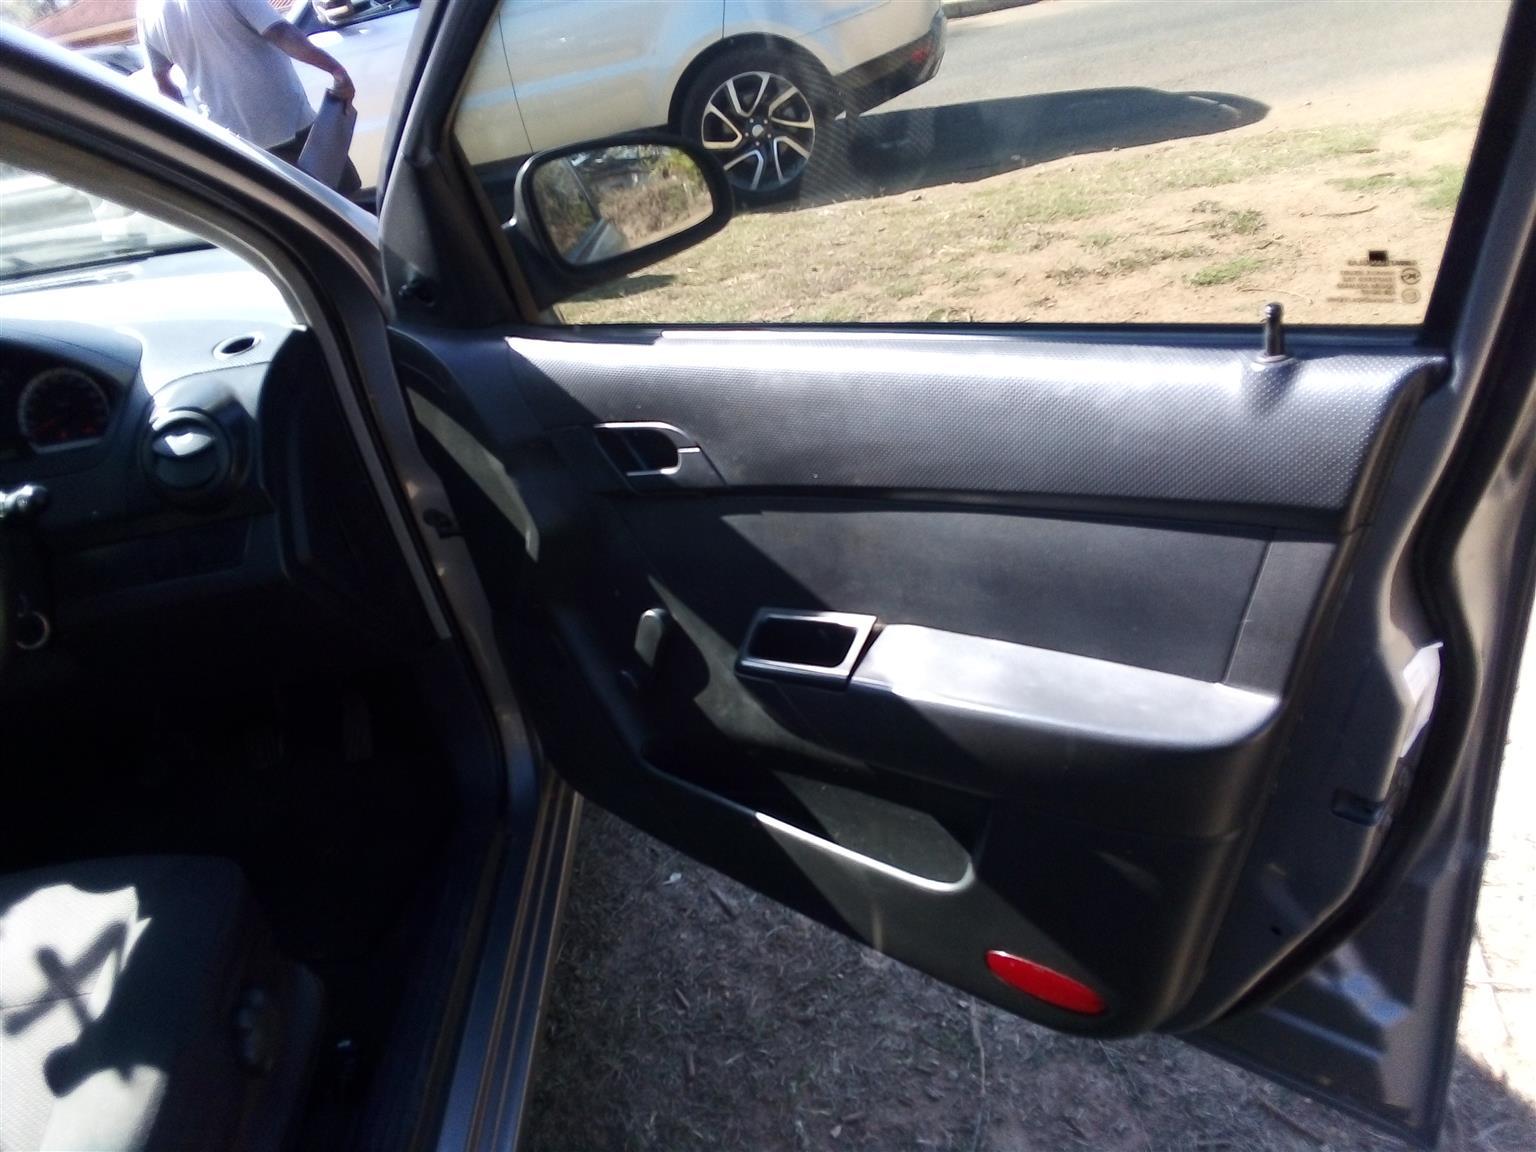 2011 Chevrolet Aveo 1.6 L hatch